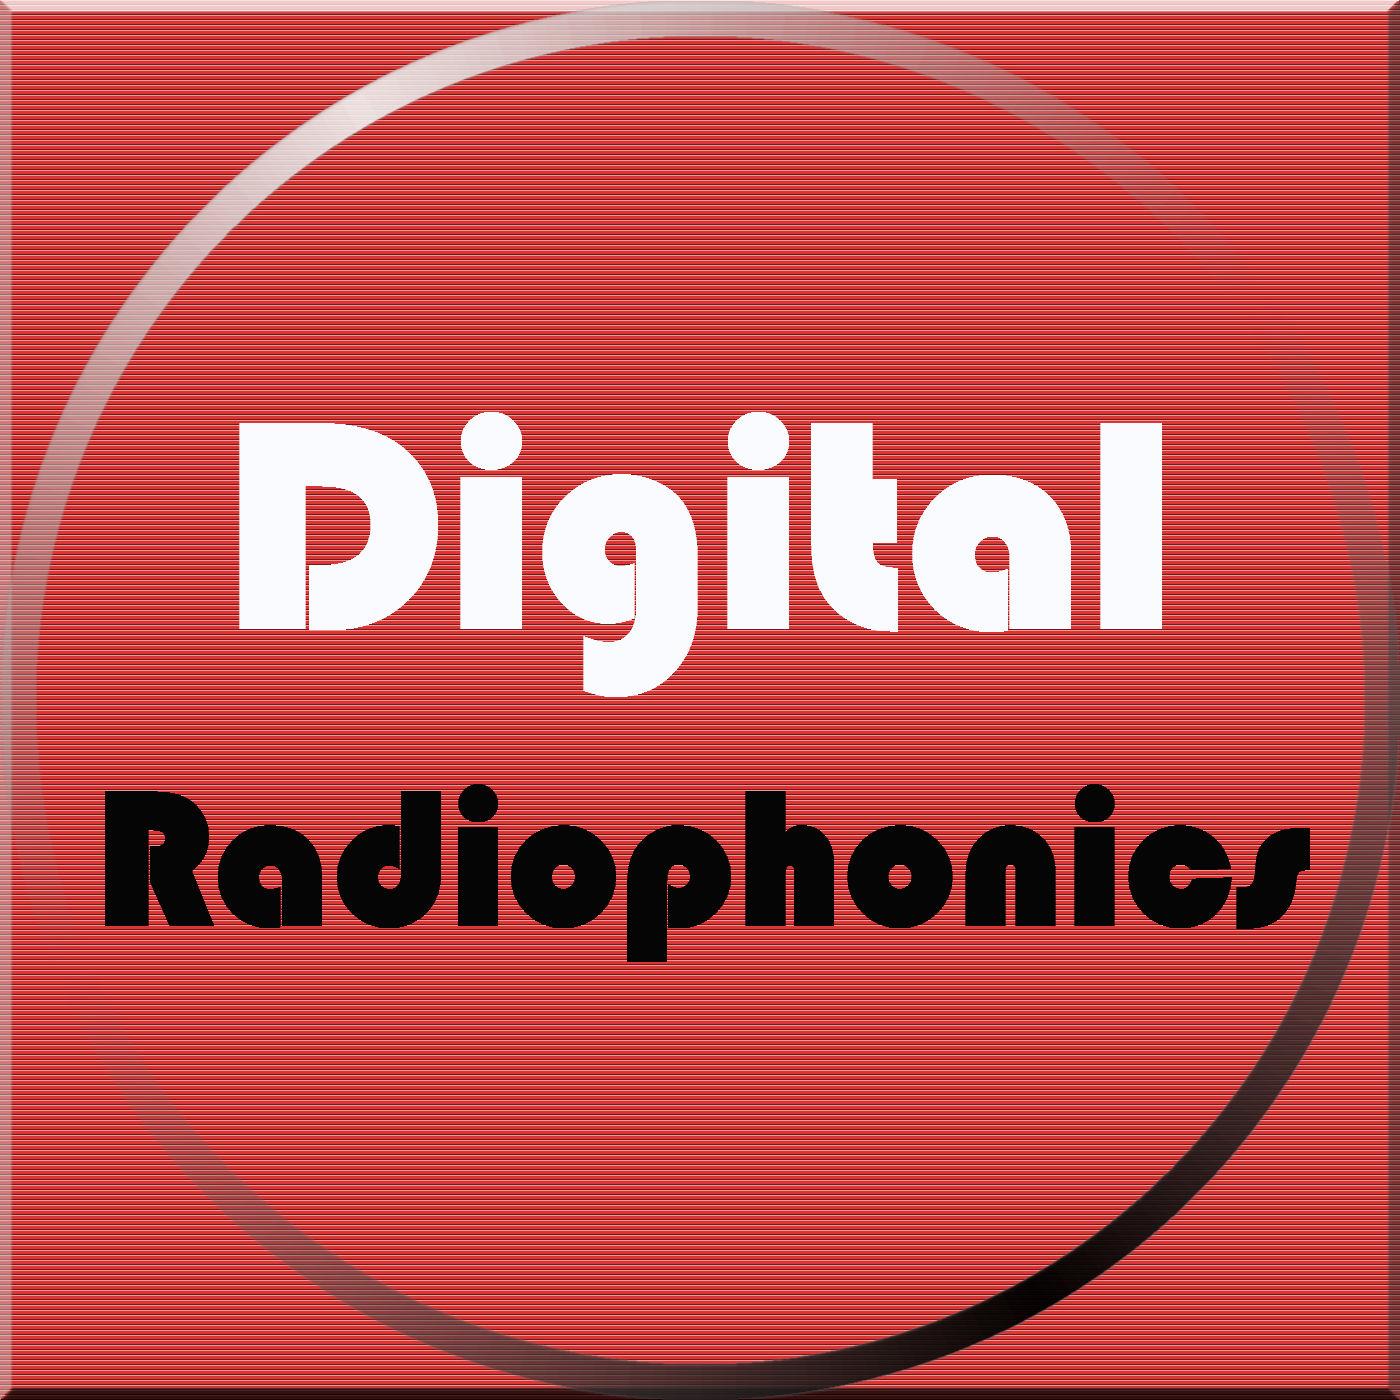 Digital radiophonics : la diversité fonctionne aussi sur le web